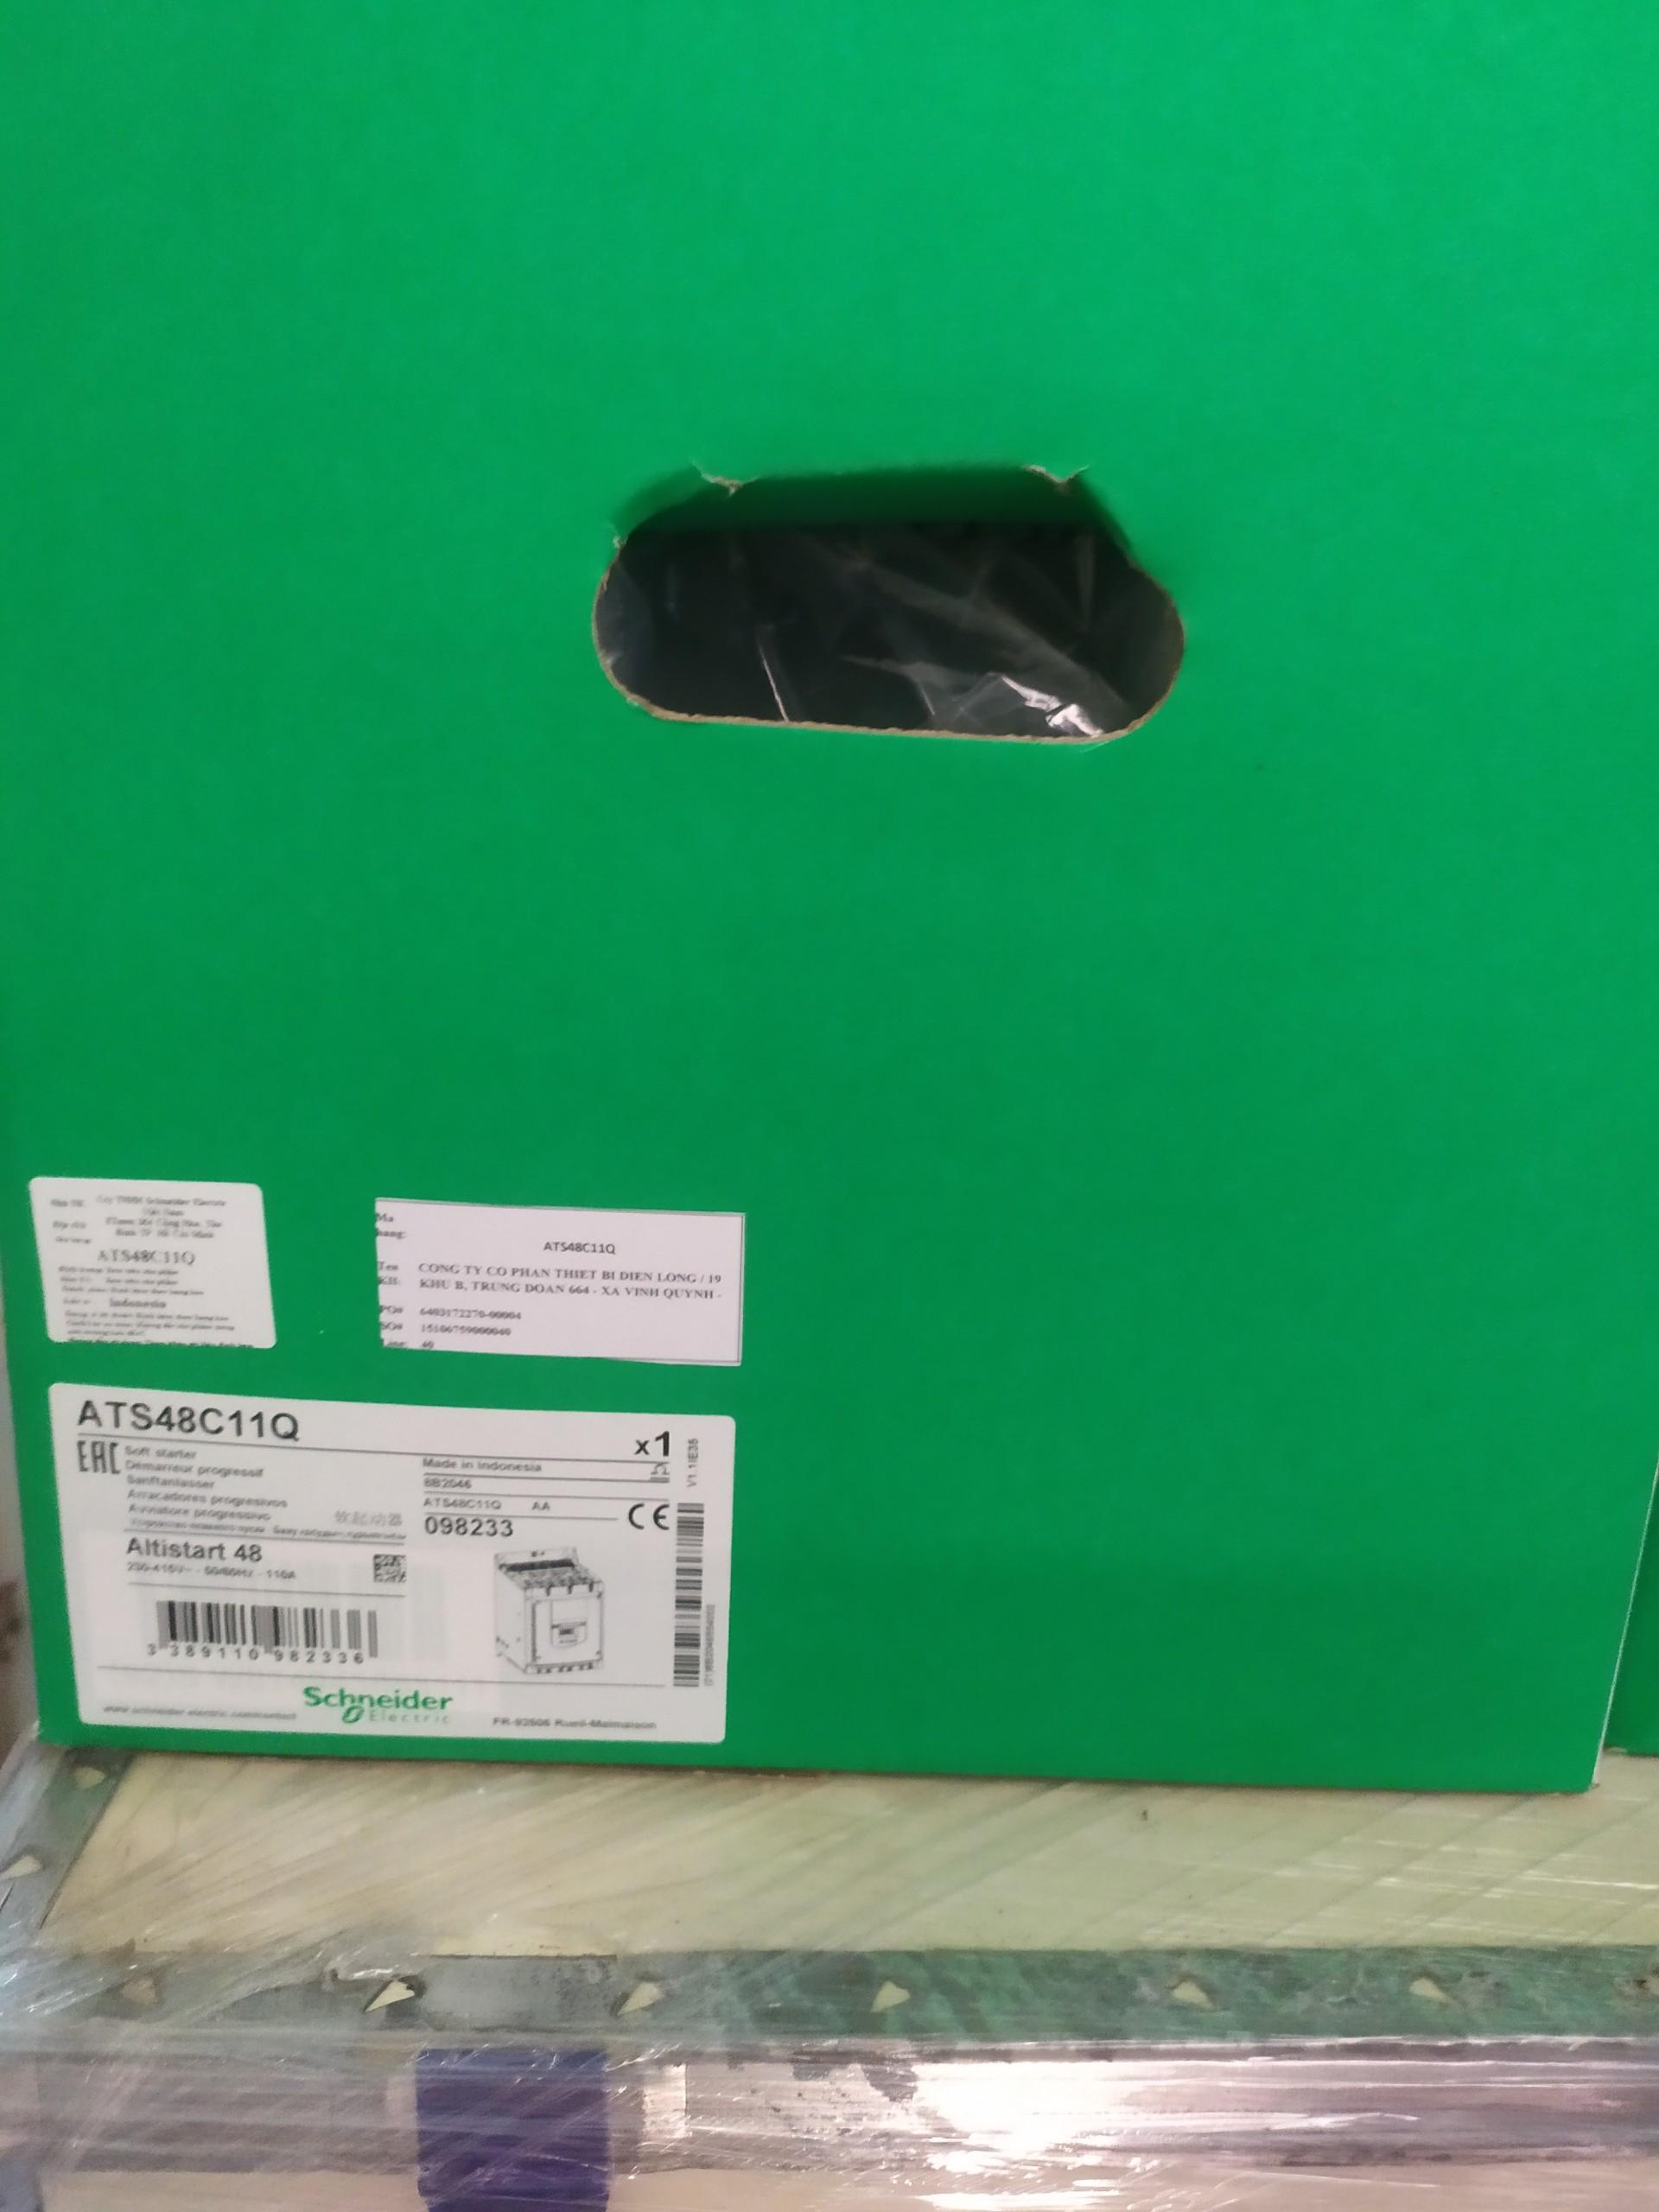 Khởi động mềm ATS48 Schneider Idm= 110A, công suất 45/ 55kW, nguồn cấp 400V